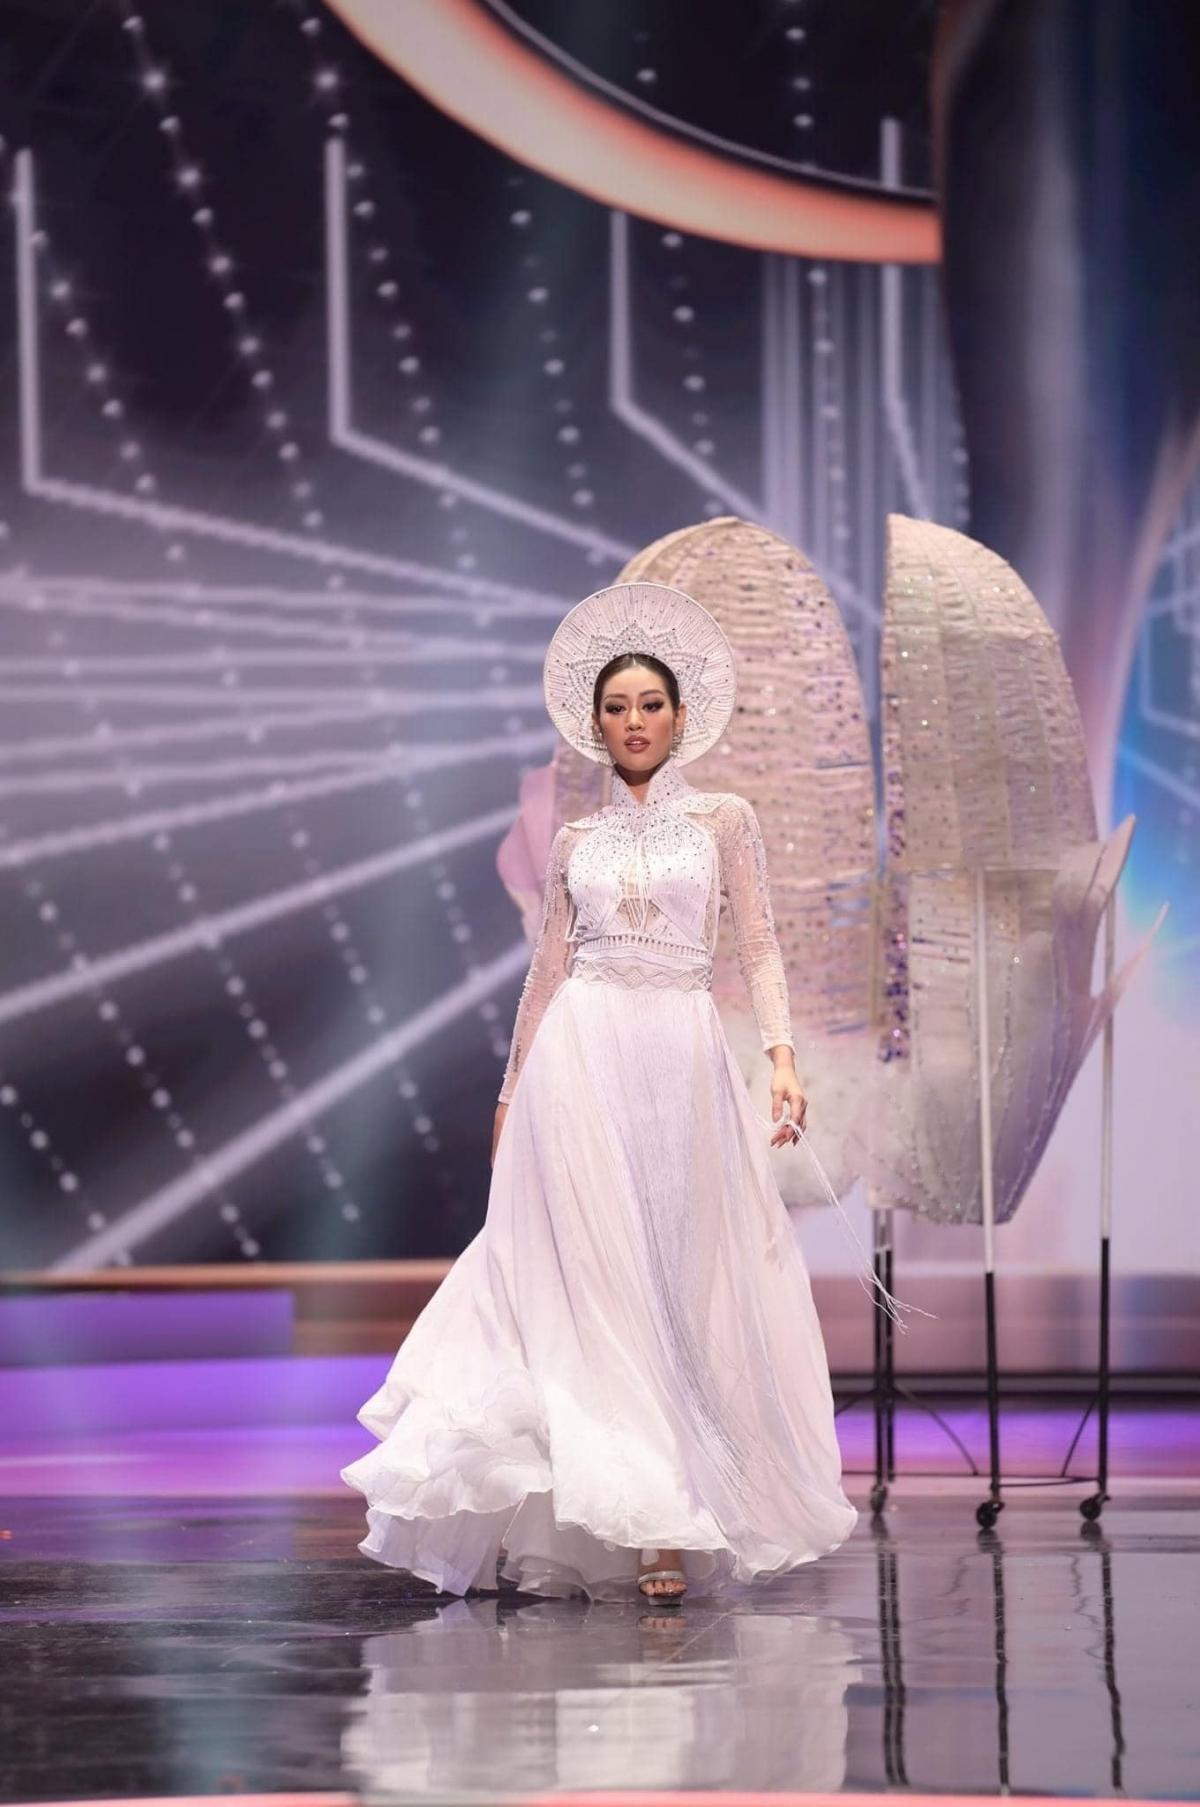 Hoa hậu Khánh Vân trong phần trình diễn trang phục dân tộc.